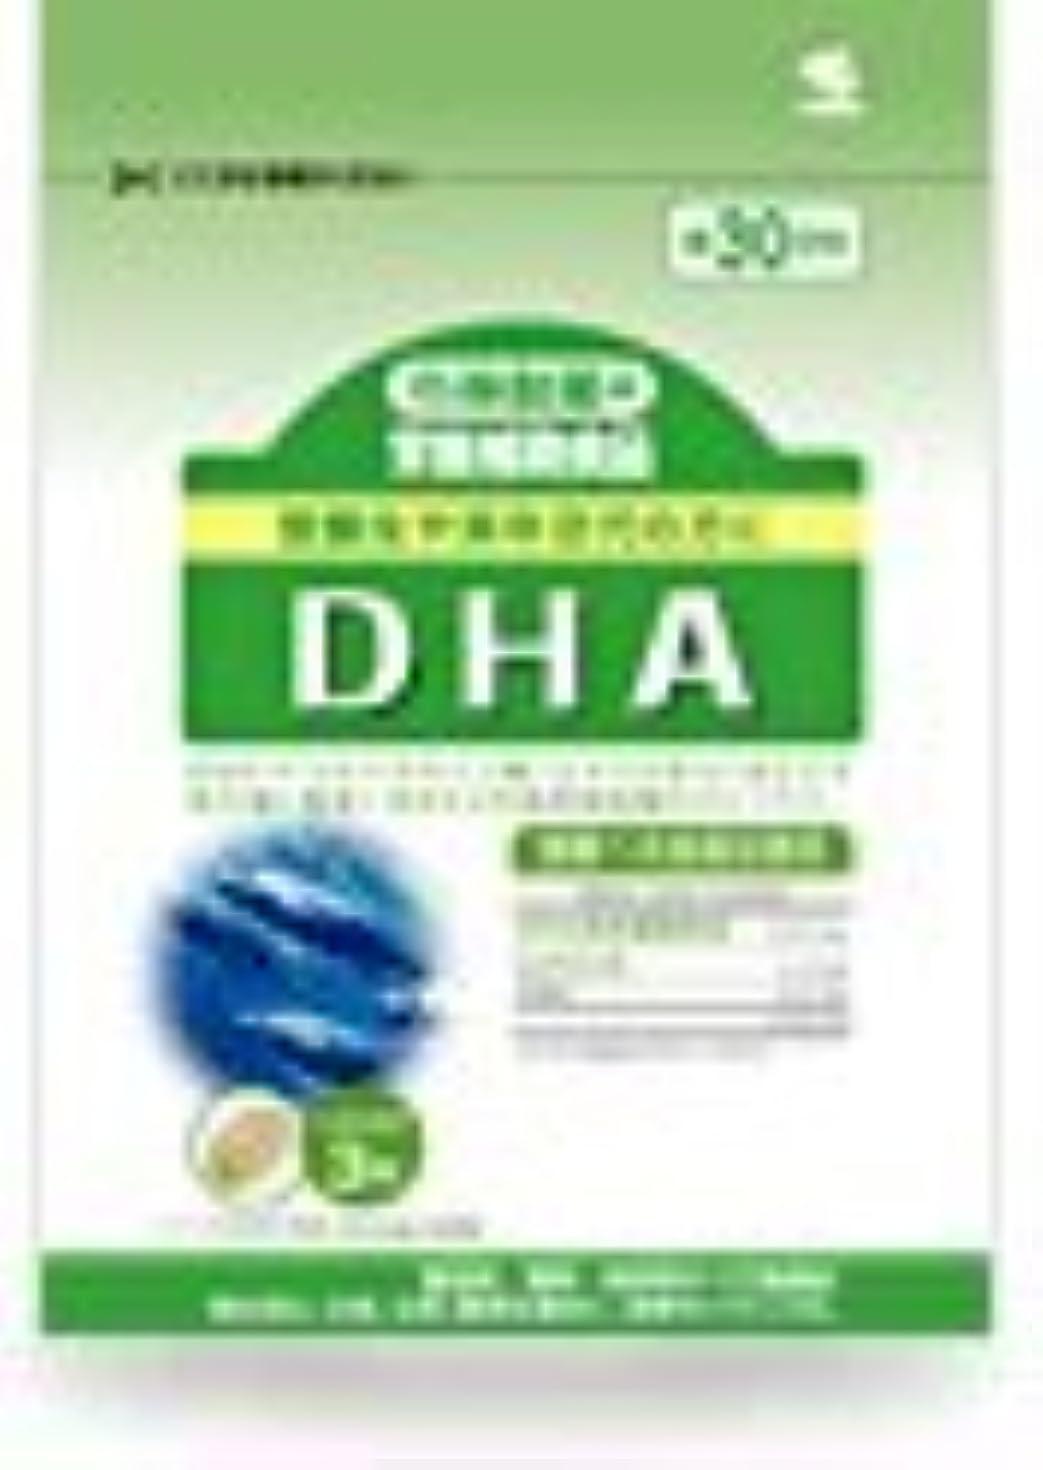 やけど発見ランドマーク小林 DHA 90粒×(6セット)